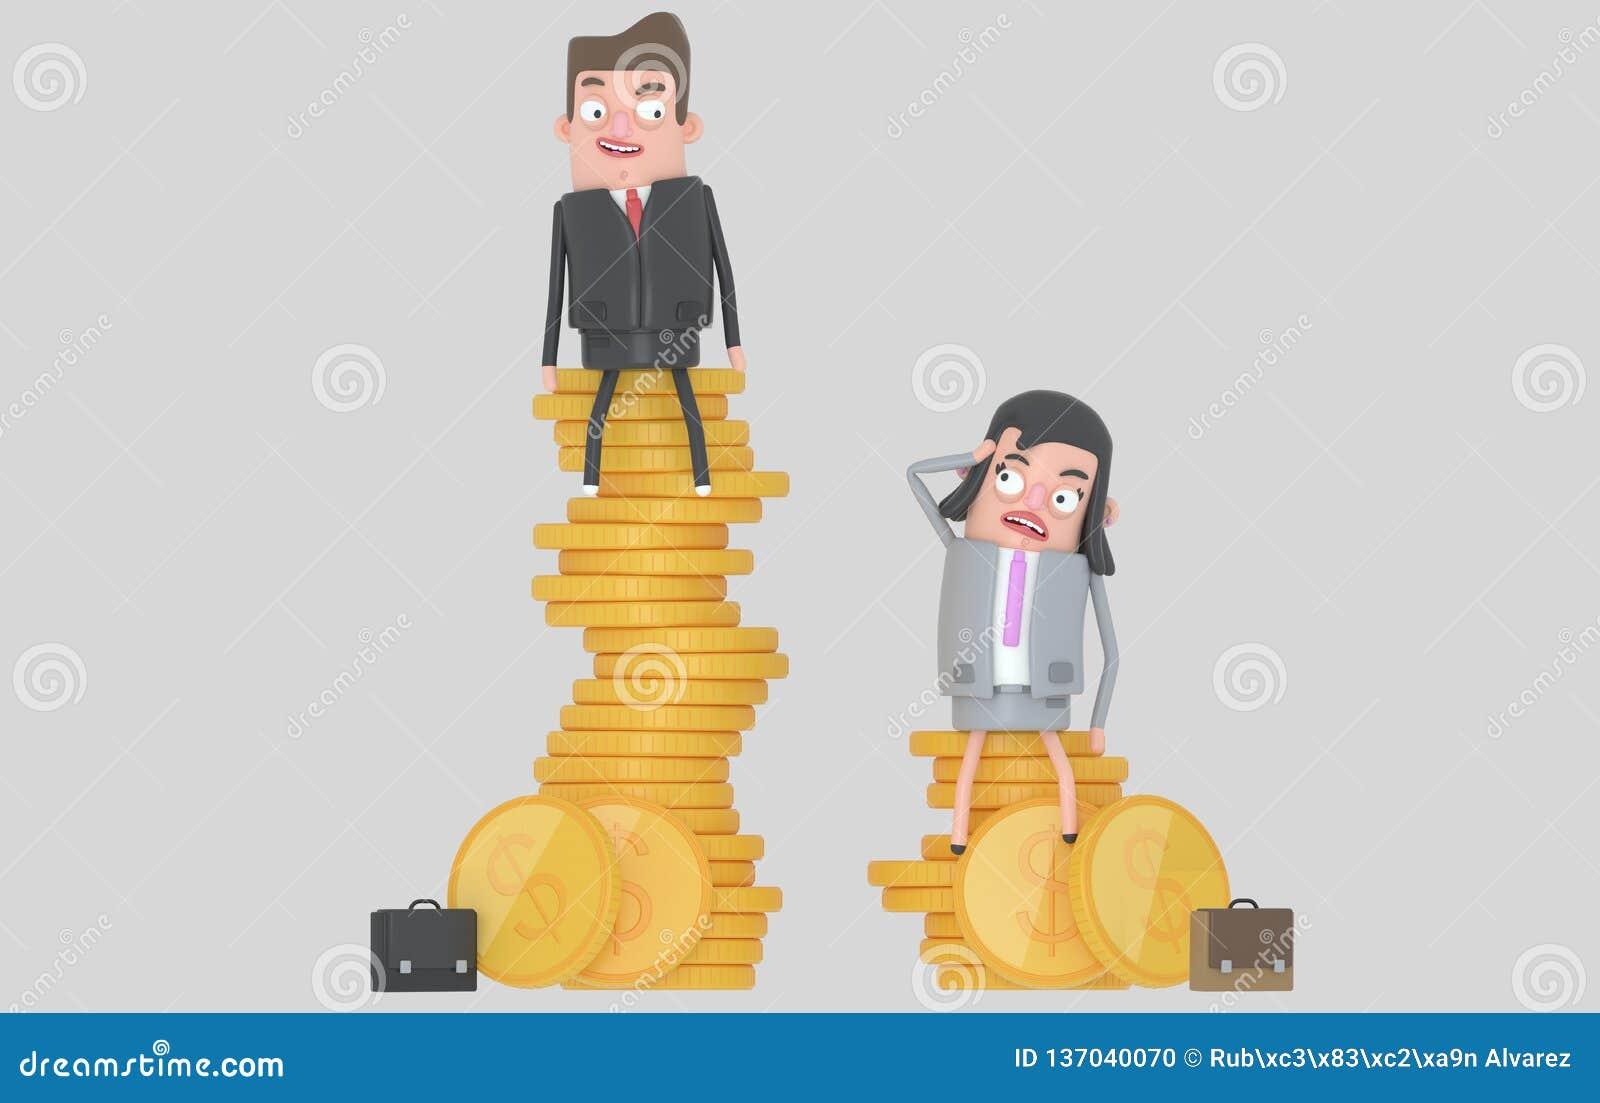 性别薪水区别概念 坐在堆的男人和妇女硬币顶部 查出